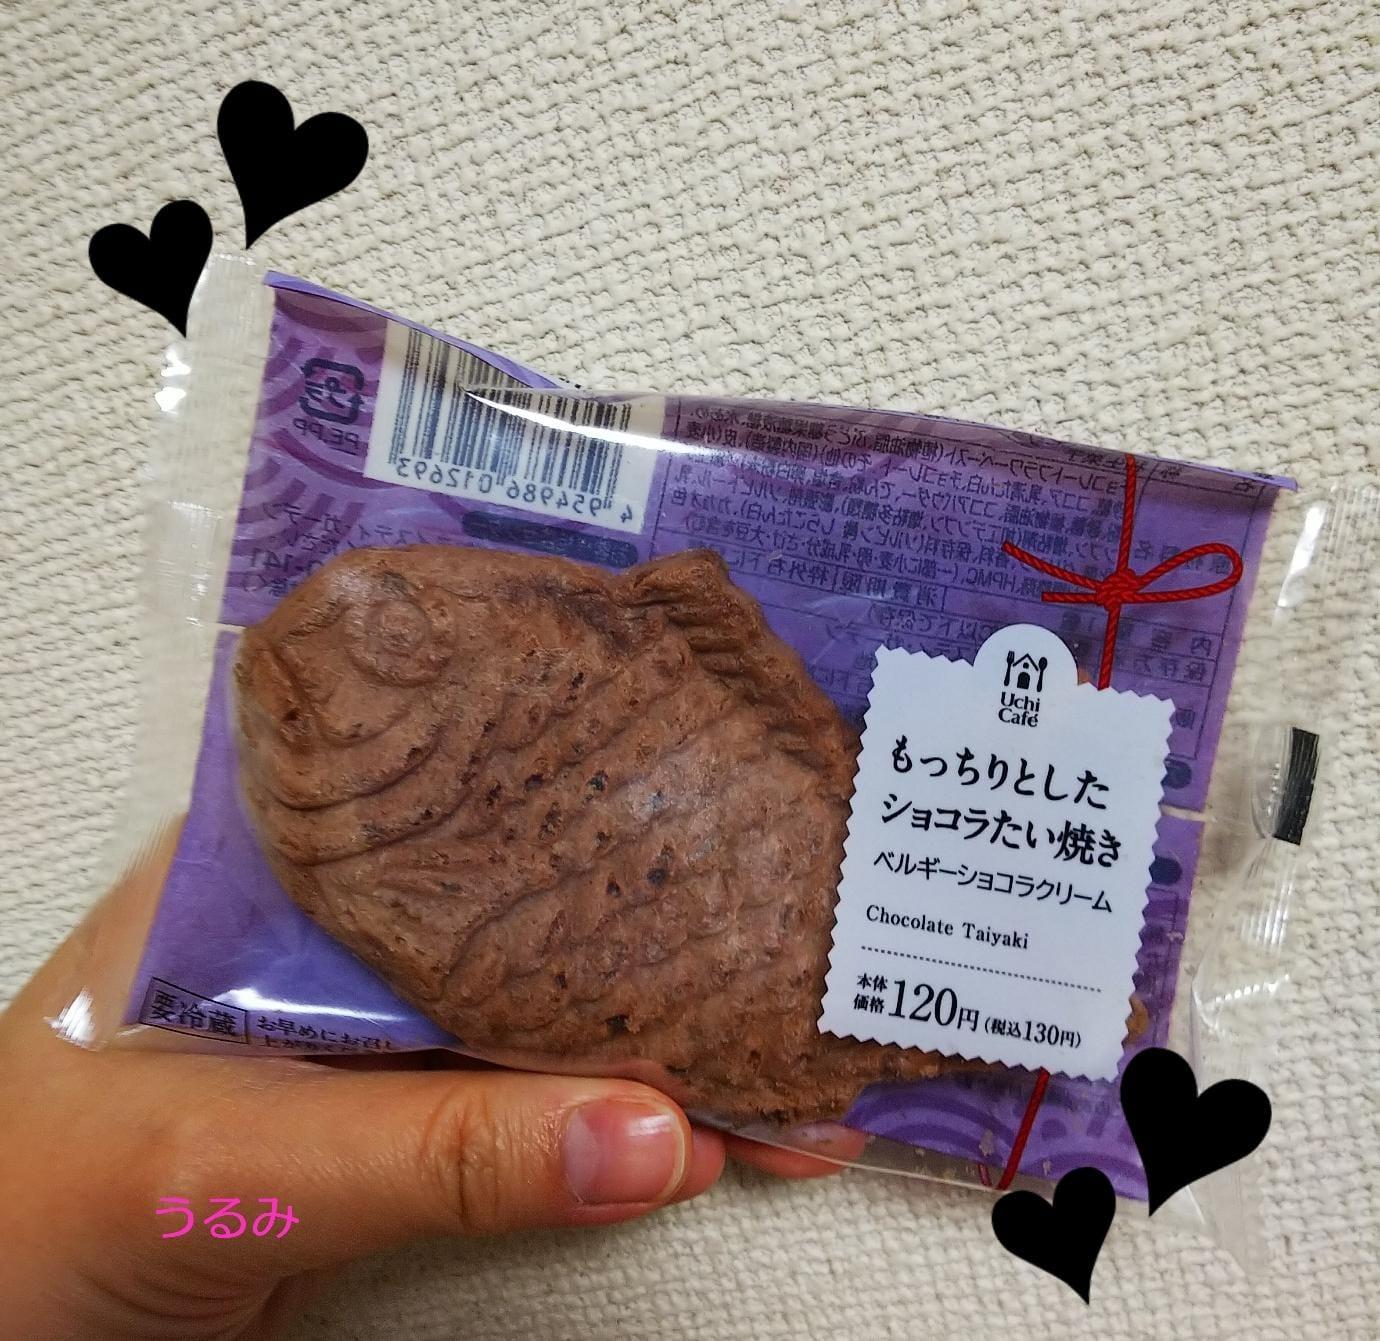 「おはようございますヽ(*´∀`)ノ」11/19(月) 09:53   うるみの写メ・風俗動画